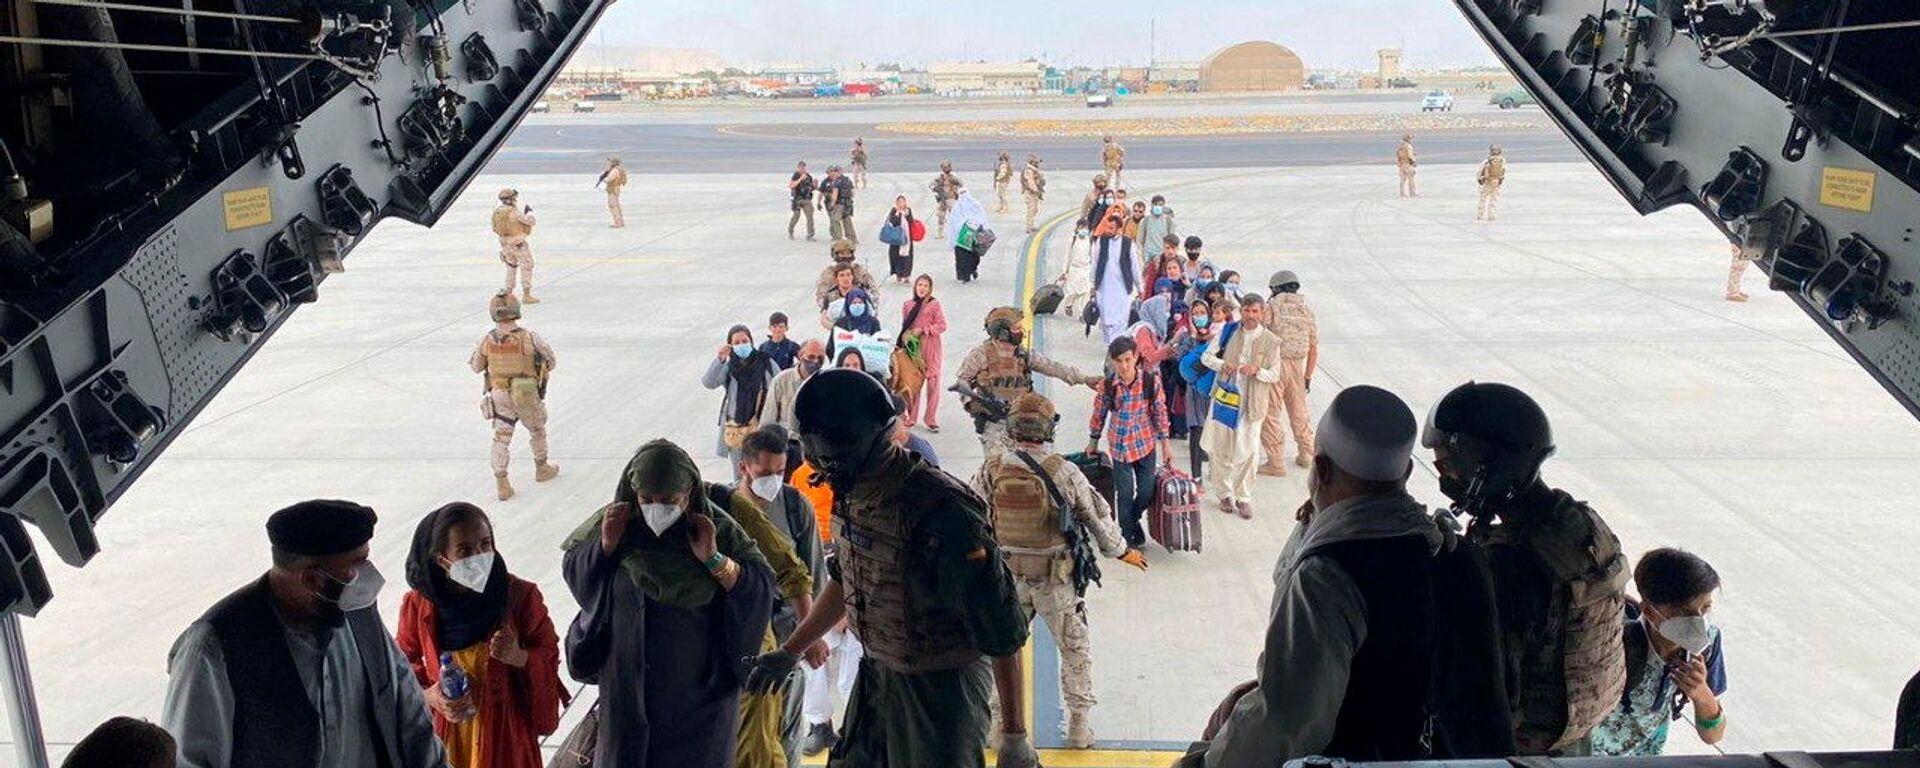 Граждане Испании и афганцы садятся в военный самолет в рамках эвакуации в международном аэропорту Хамида Карзая в Кабуле - Sputnik Таджикистан, 1920, 30.08.2021